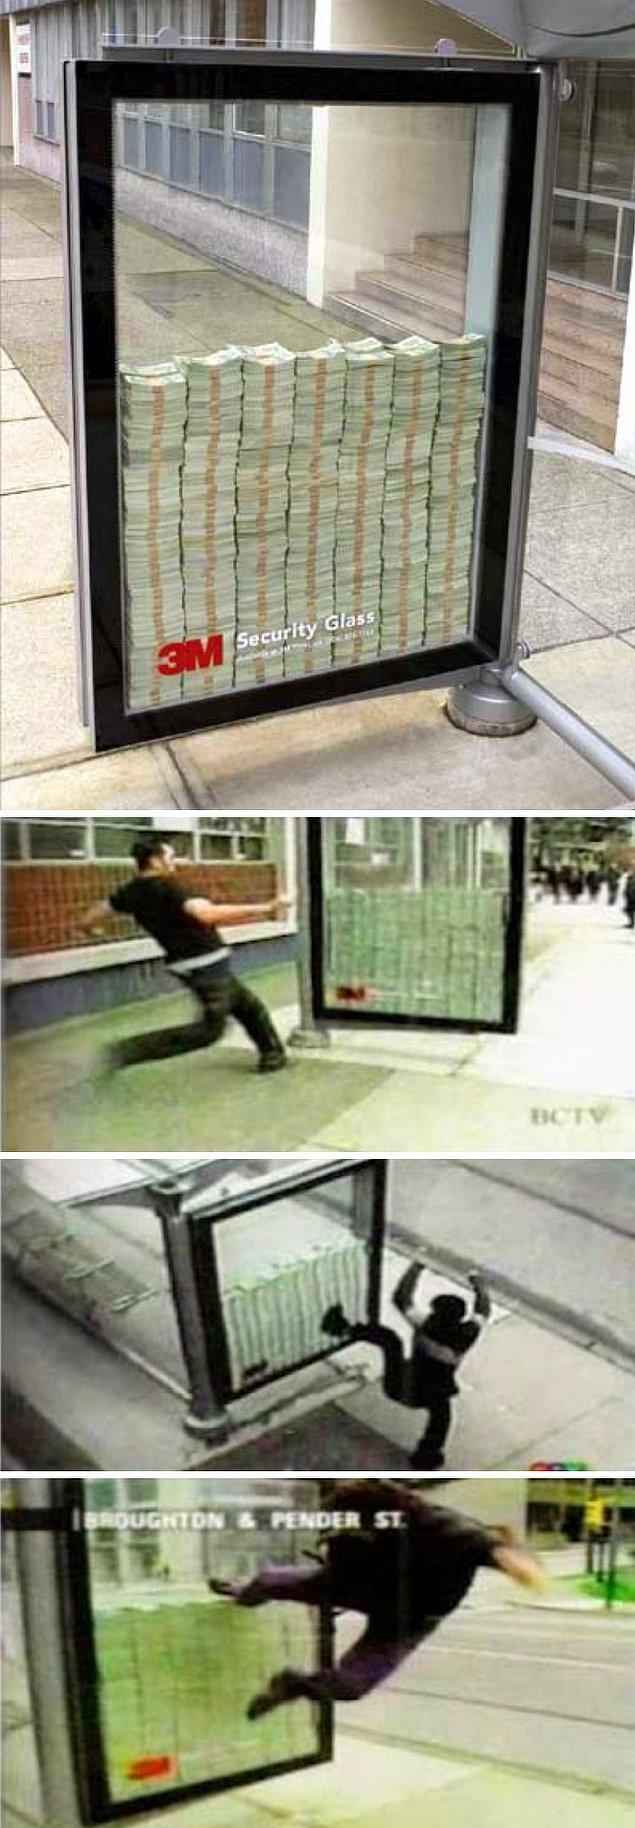 18. 3M isimli şirketin ürettiği güvenlikli camların reklamları, sizleri camı test etmeye davet ediyor. İçerisi para ile dolu, camı kırabilirseniz para sizin. Bu arada kimse başaramadı...